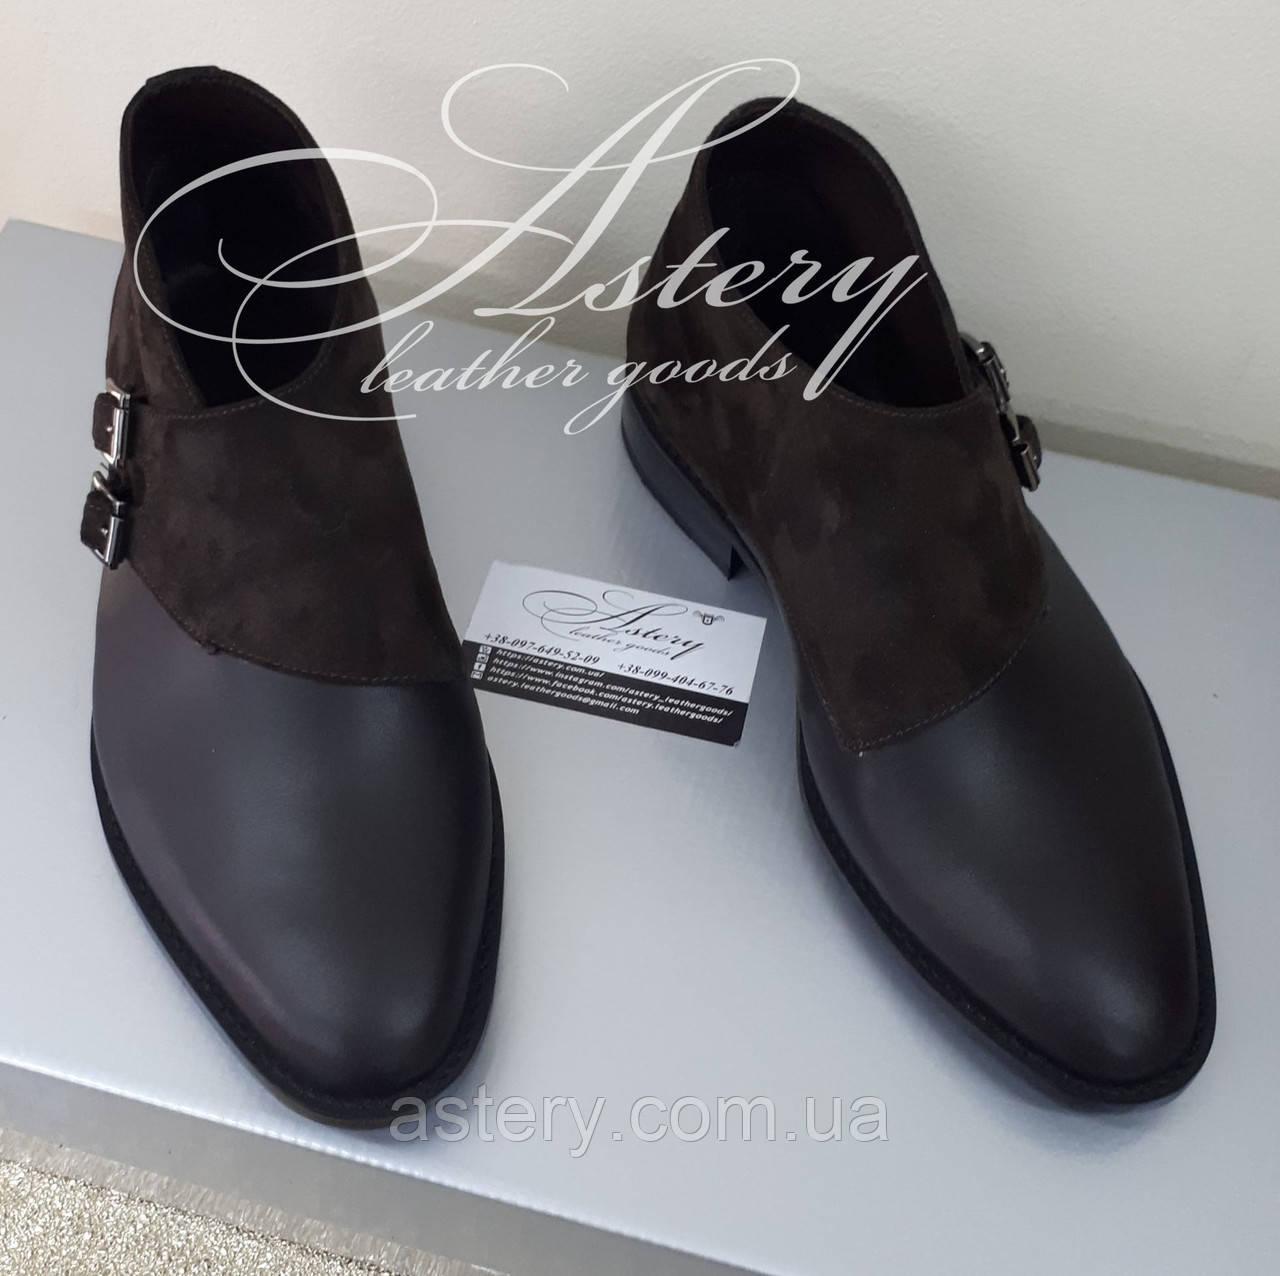 Чоловічі коричневі шкіряні черевики